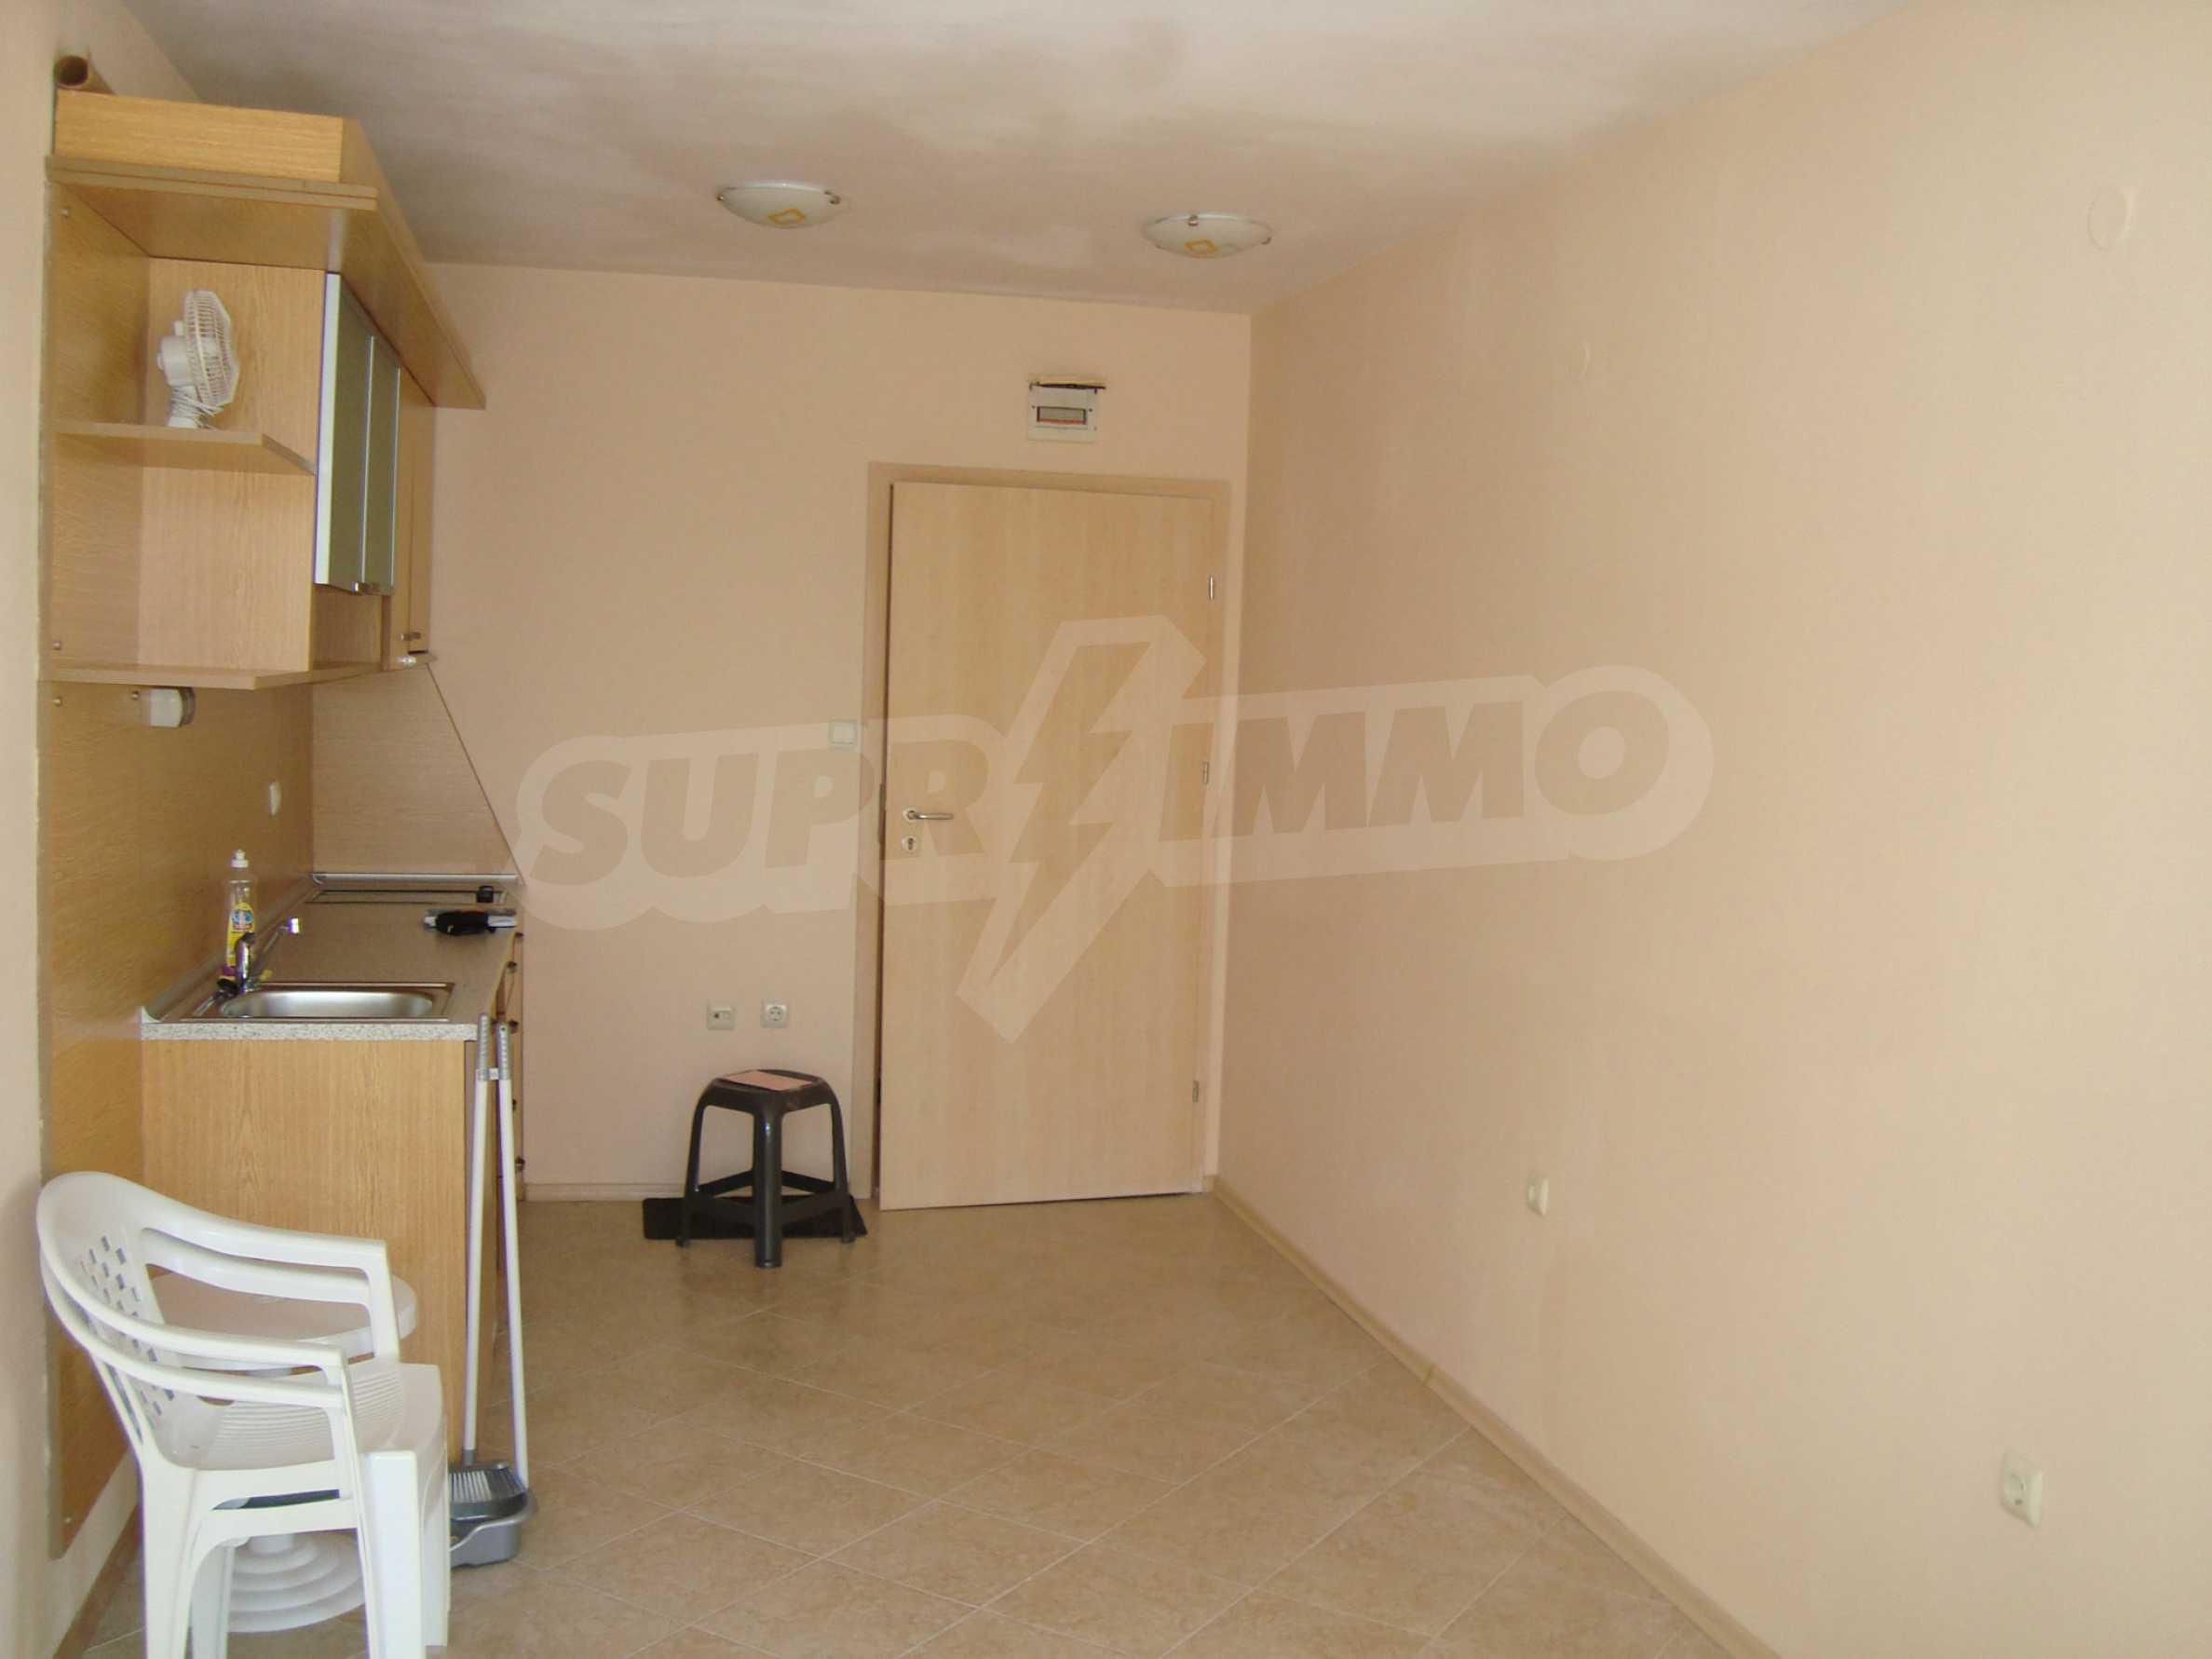 1-bedroom apartment in Kamelia Gardens complex in Sunny beach 1